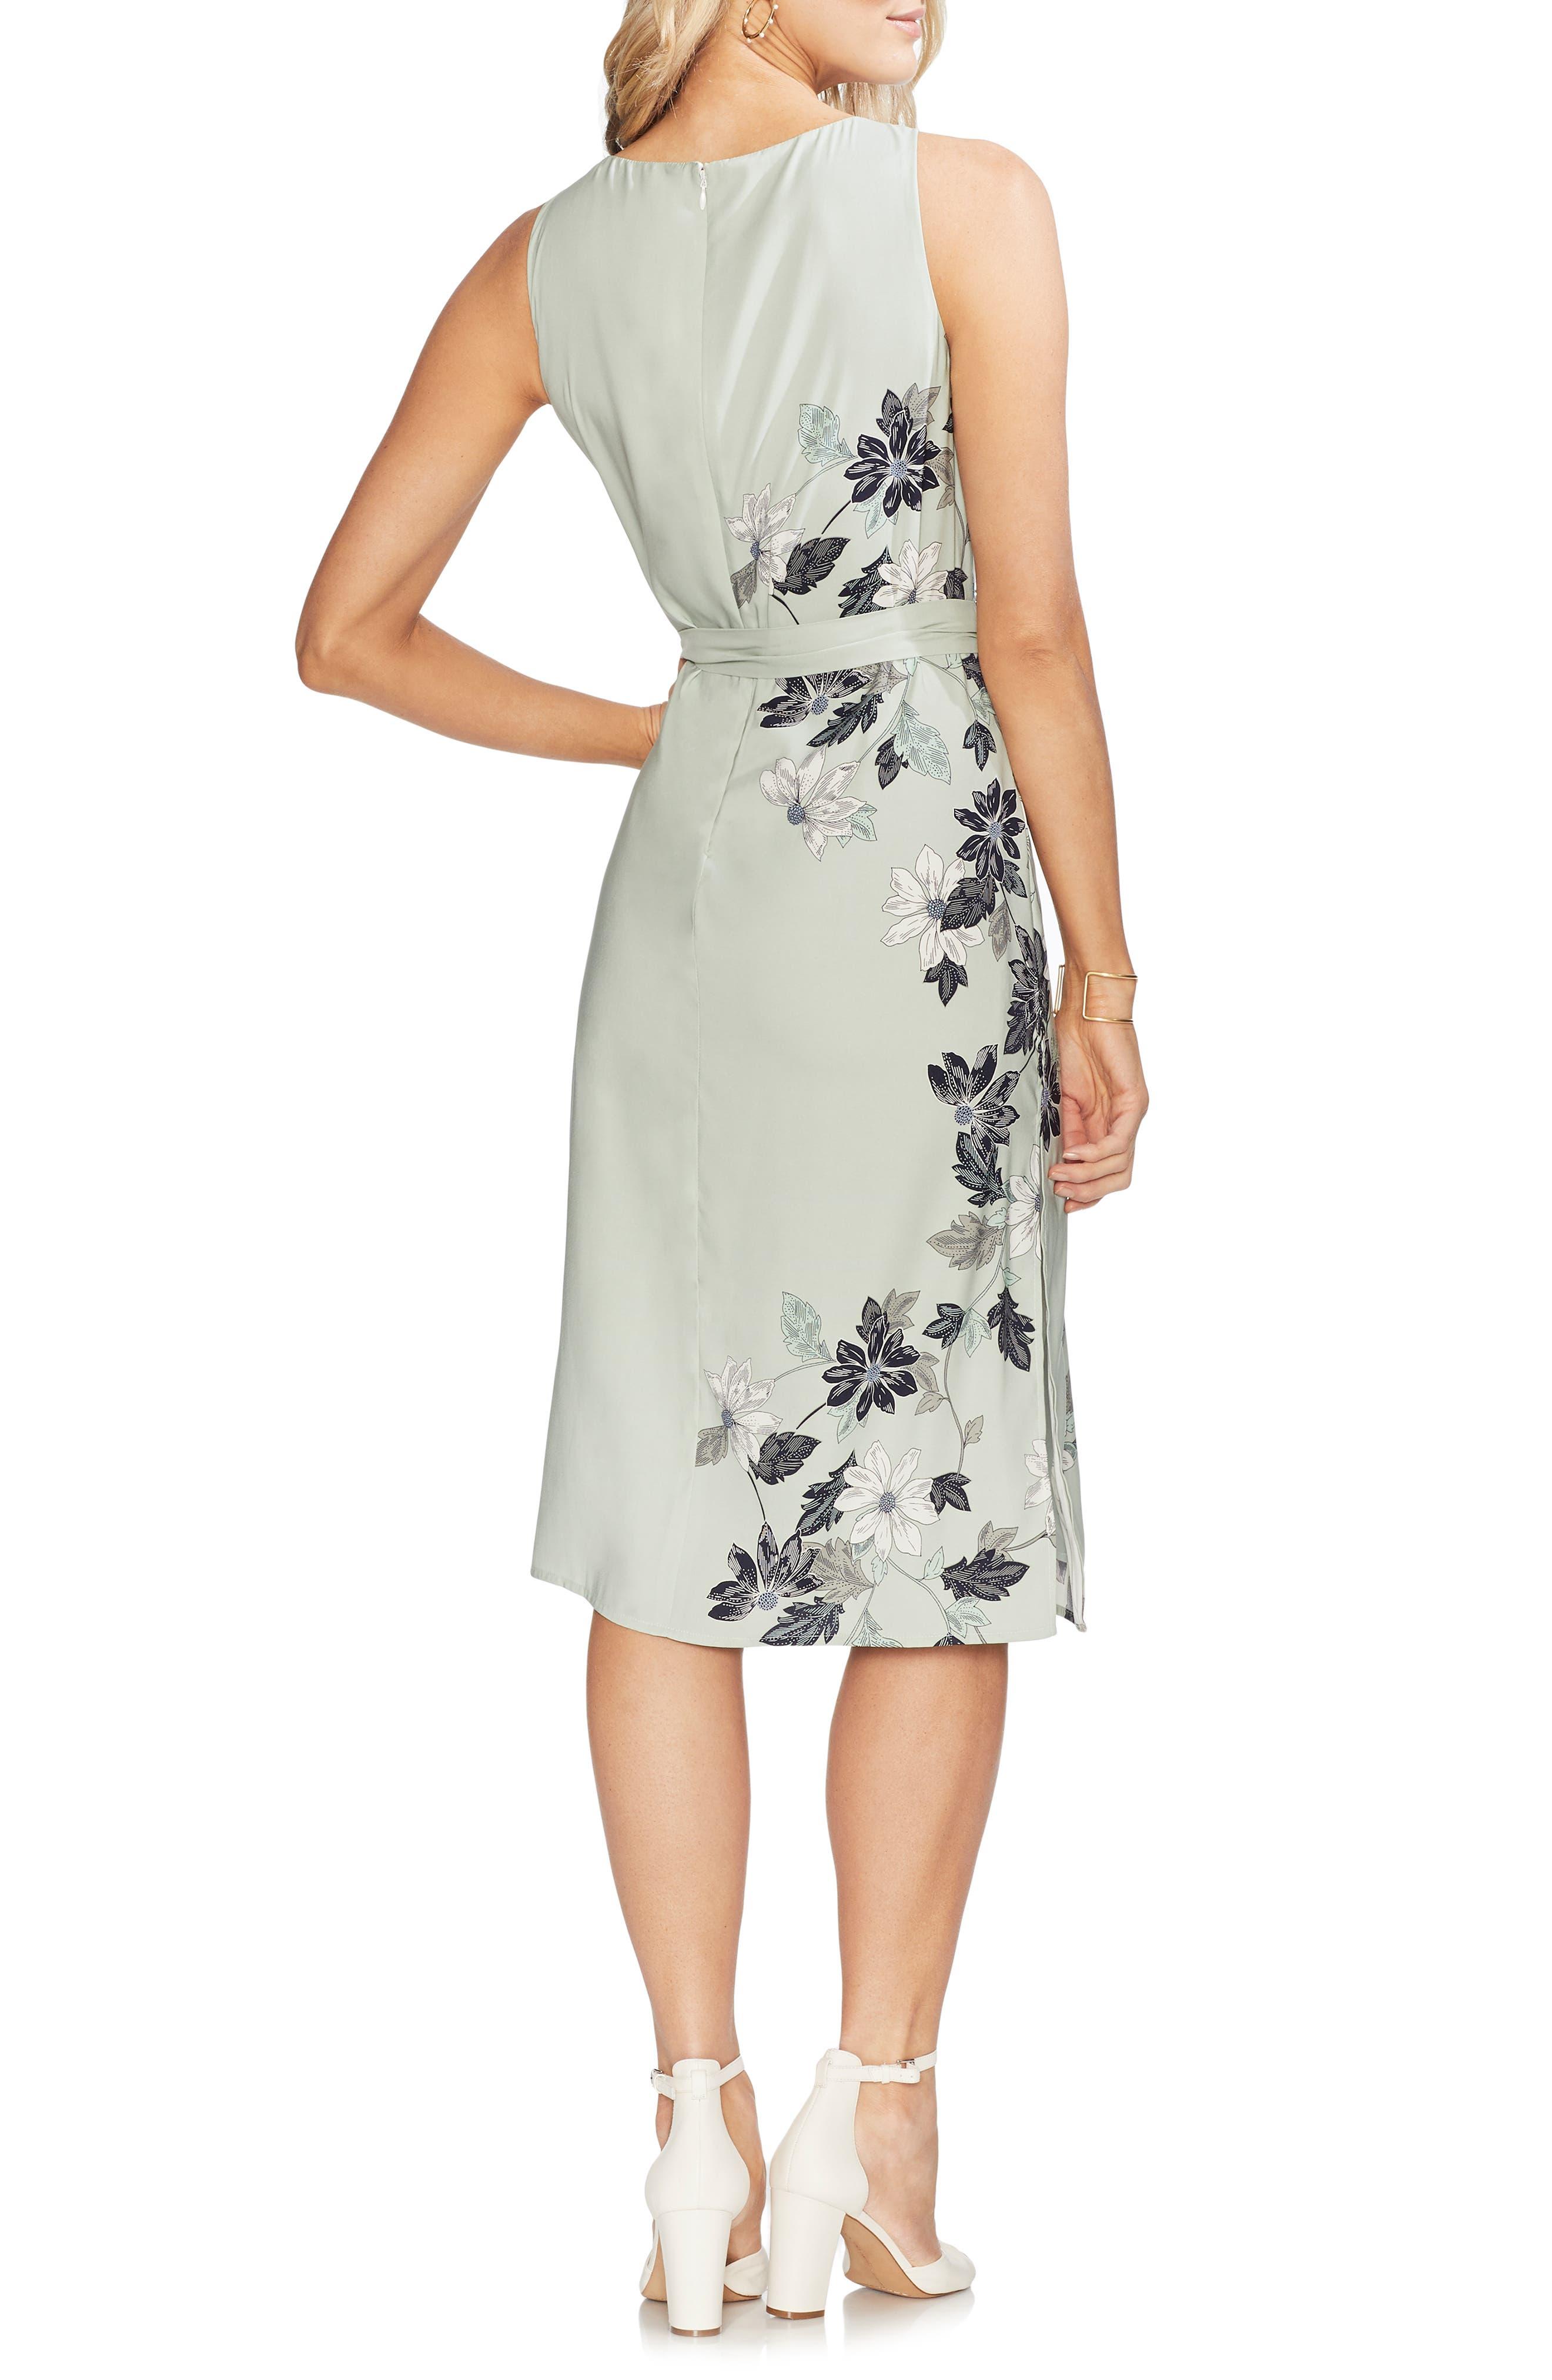 VINCE CAMUTO, Floral Vines Dress, Alternate thumbnail 2, color, 309